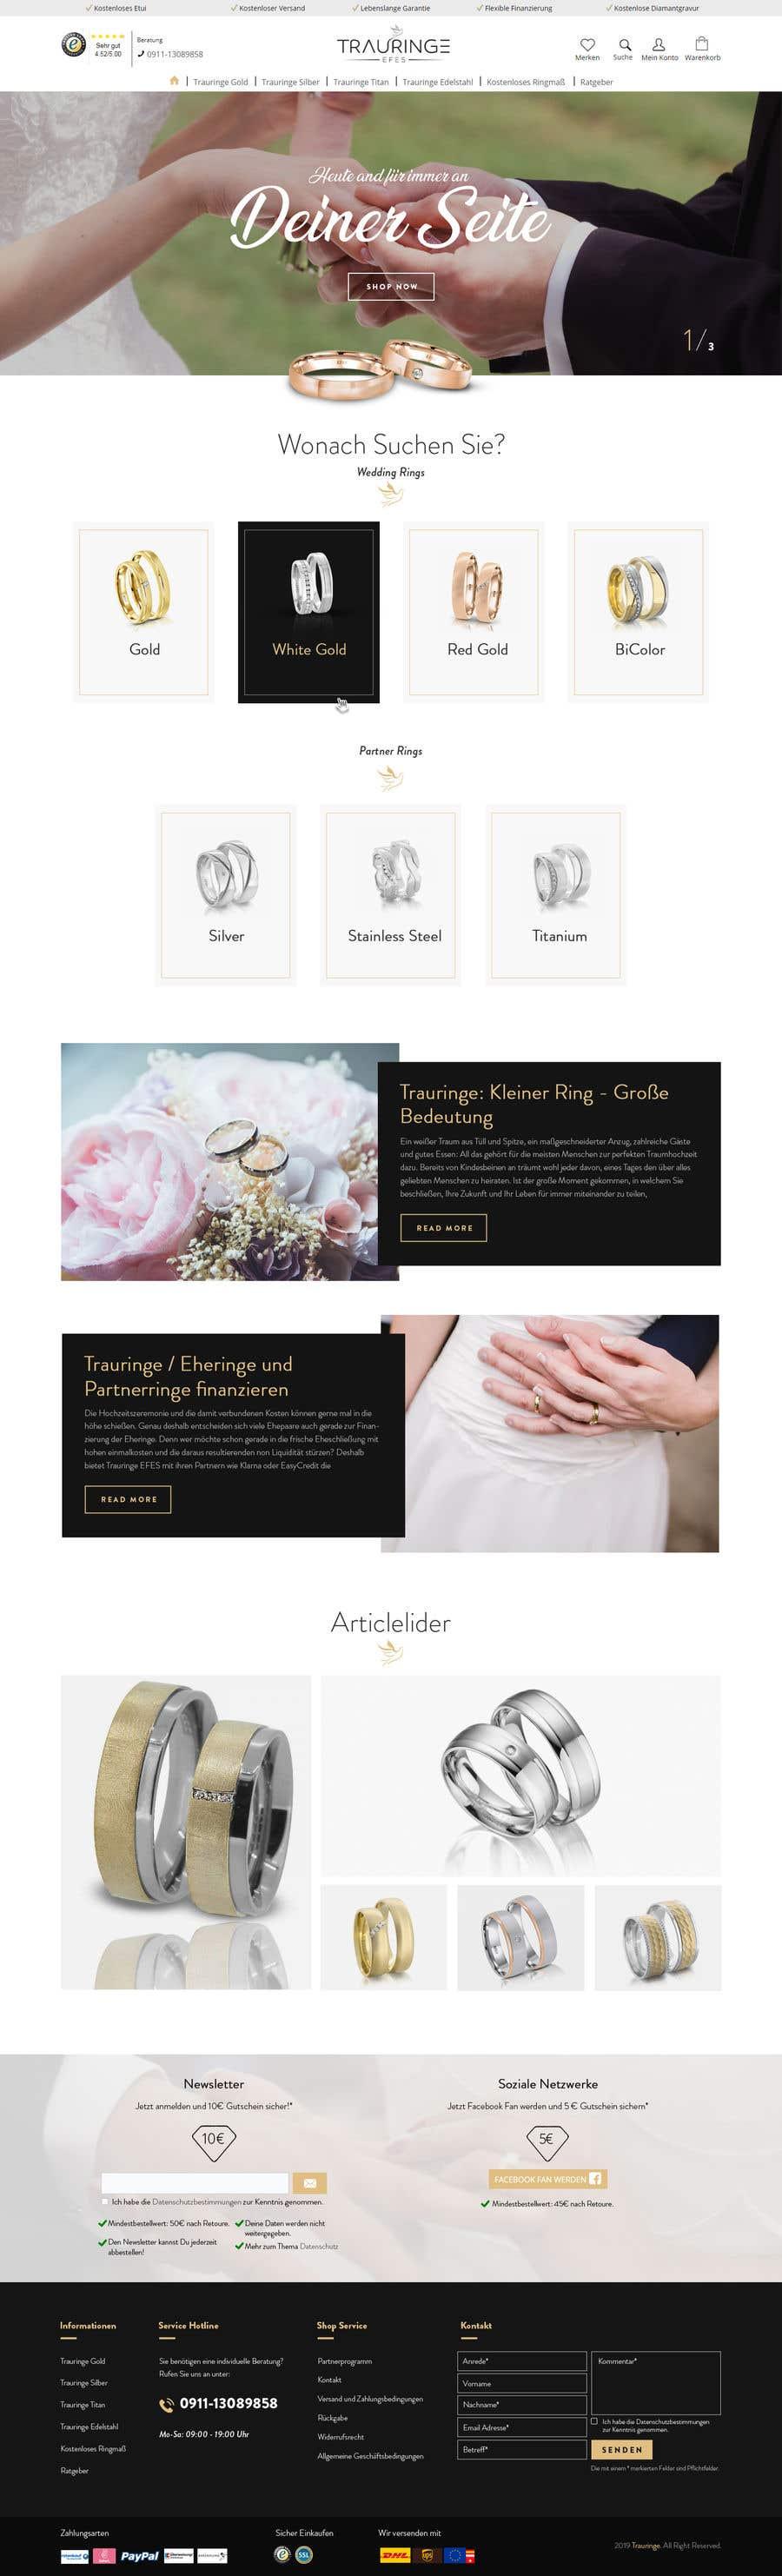 Konkurrenceindlæg #11 for Design Landingpage for Wedding Onlineshop